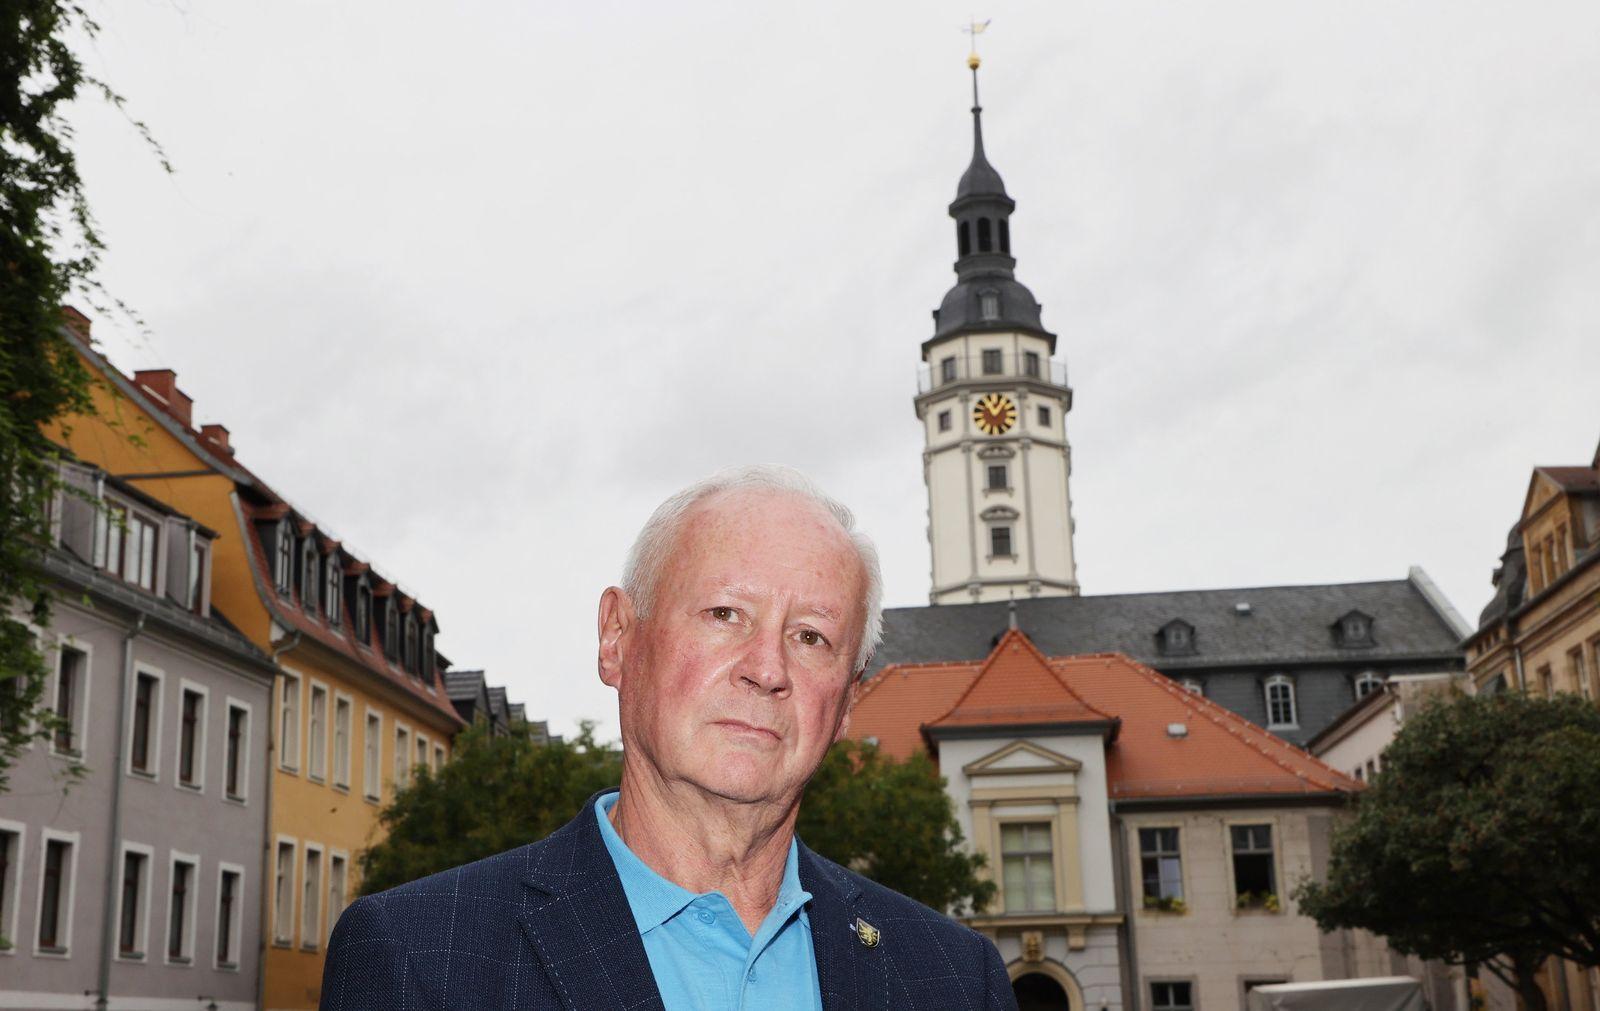 AfD-Mann an Spitze des Stadtrats Gera gewählt